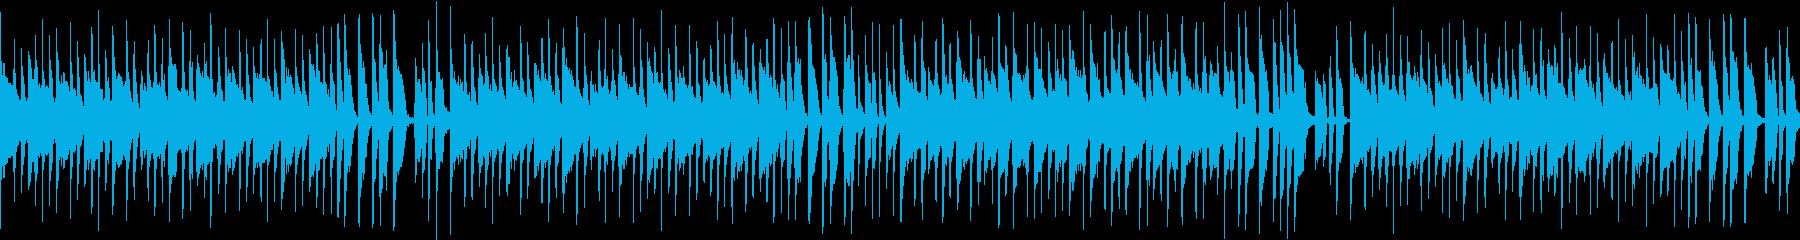 コミカルな料理番組風音楽(メロ無ループの再生済みの波形